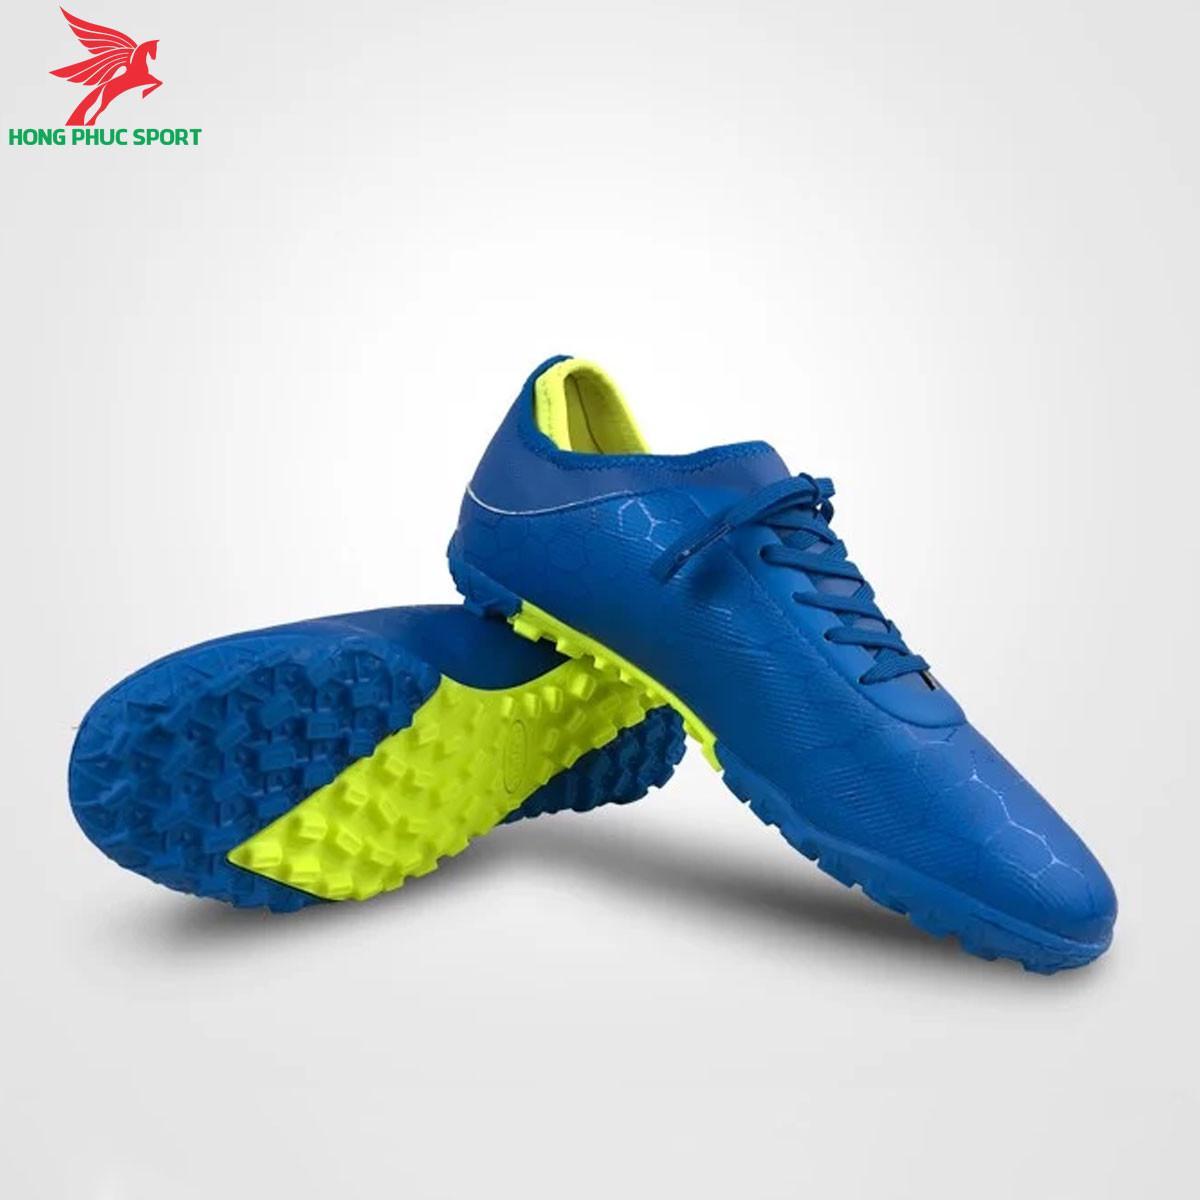 Giày đá banh Mitre 190420 màu xanh dương đế TF (2)